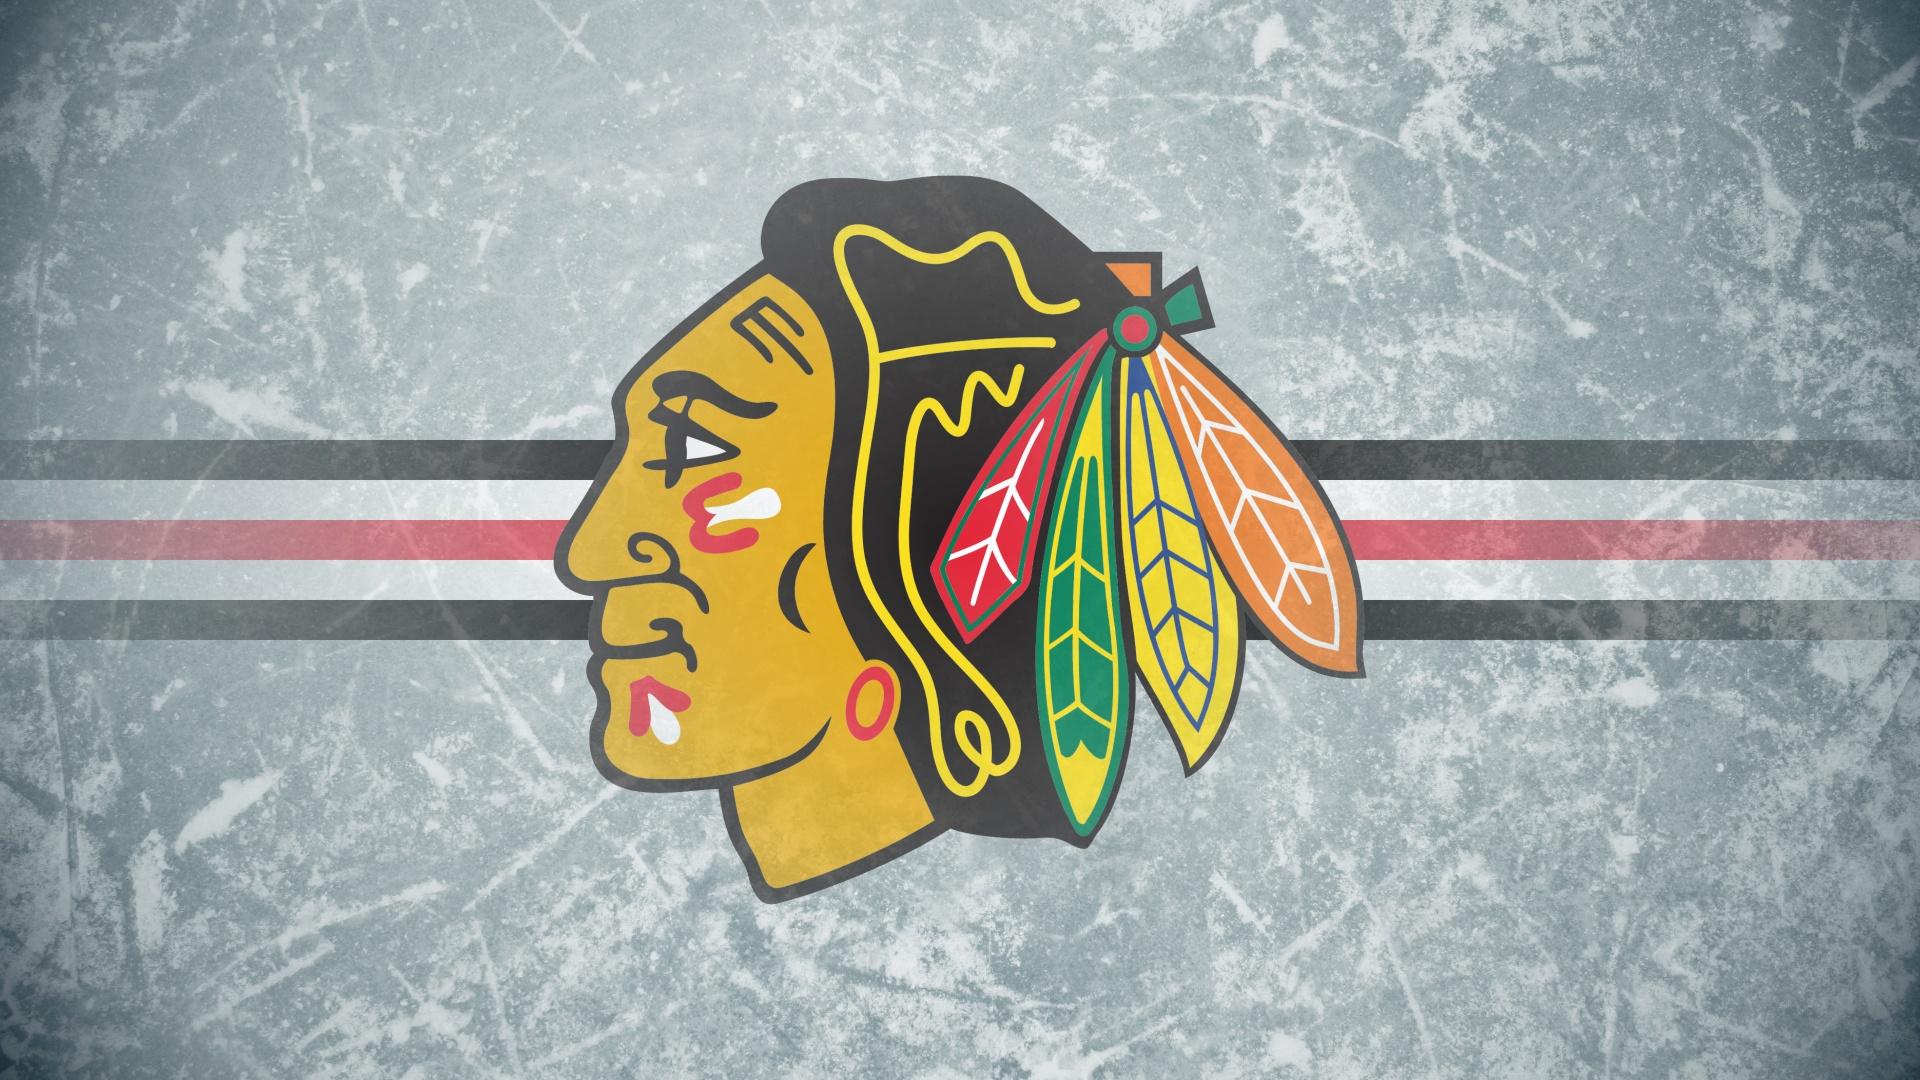 Hockey Wallpaper 1920x1080 Chicago Hockey Chicago Blackhawks 1920x1080